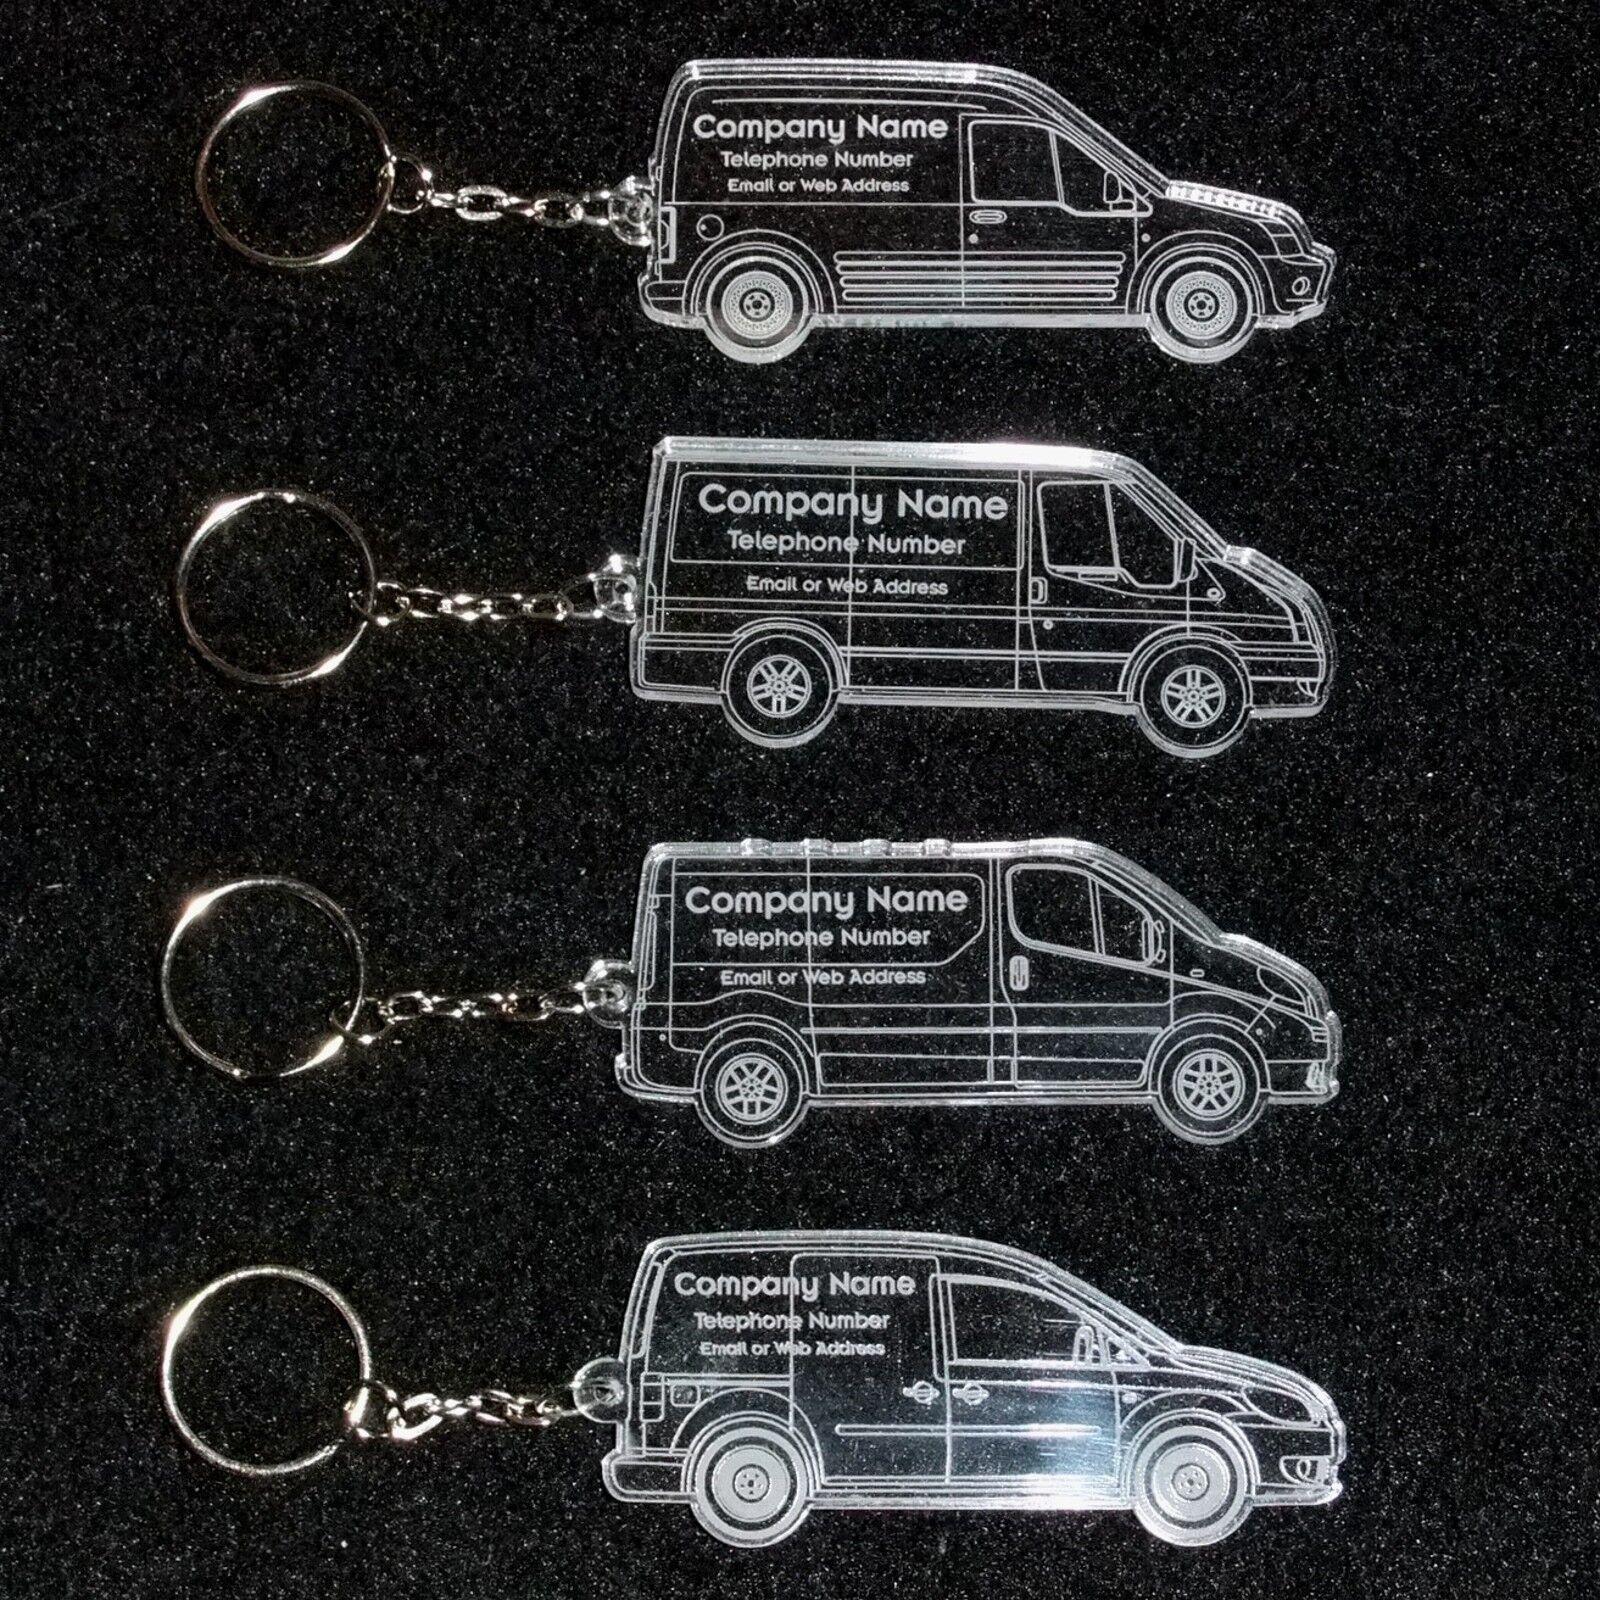 Personalised Acrylic Van Shape Business Keyrings   Laser Cut U0026 Engraved